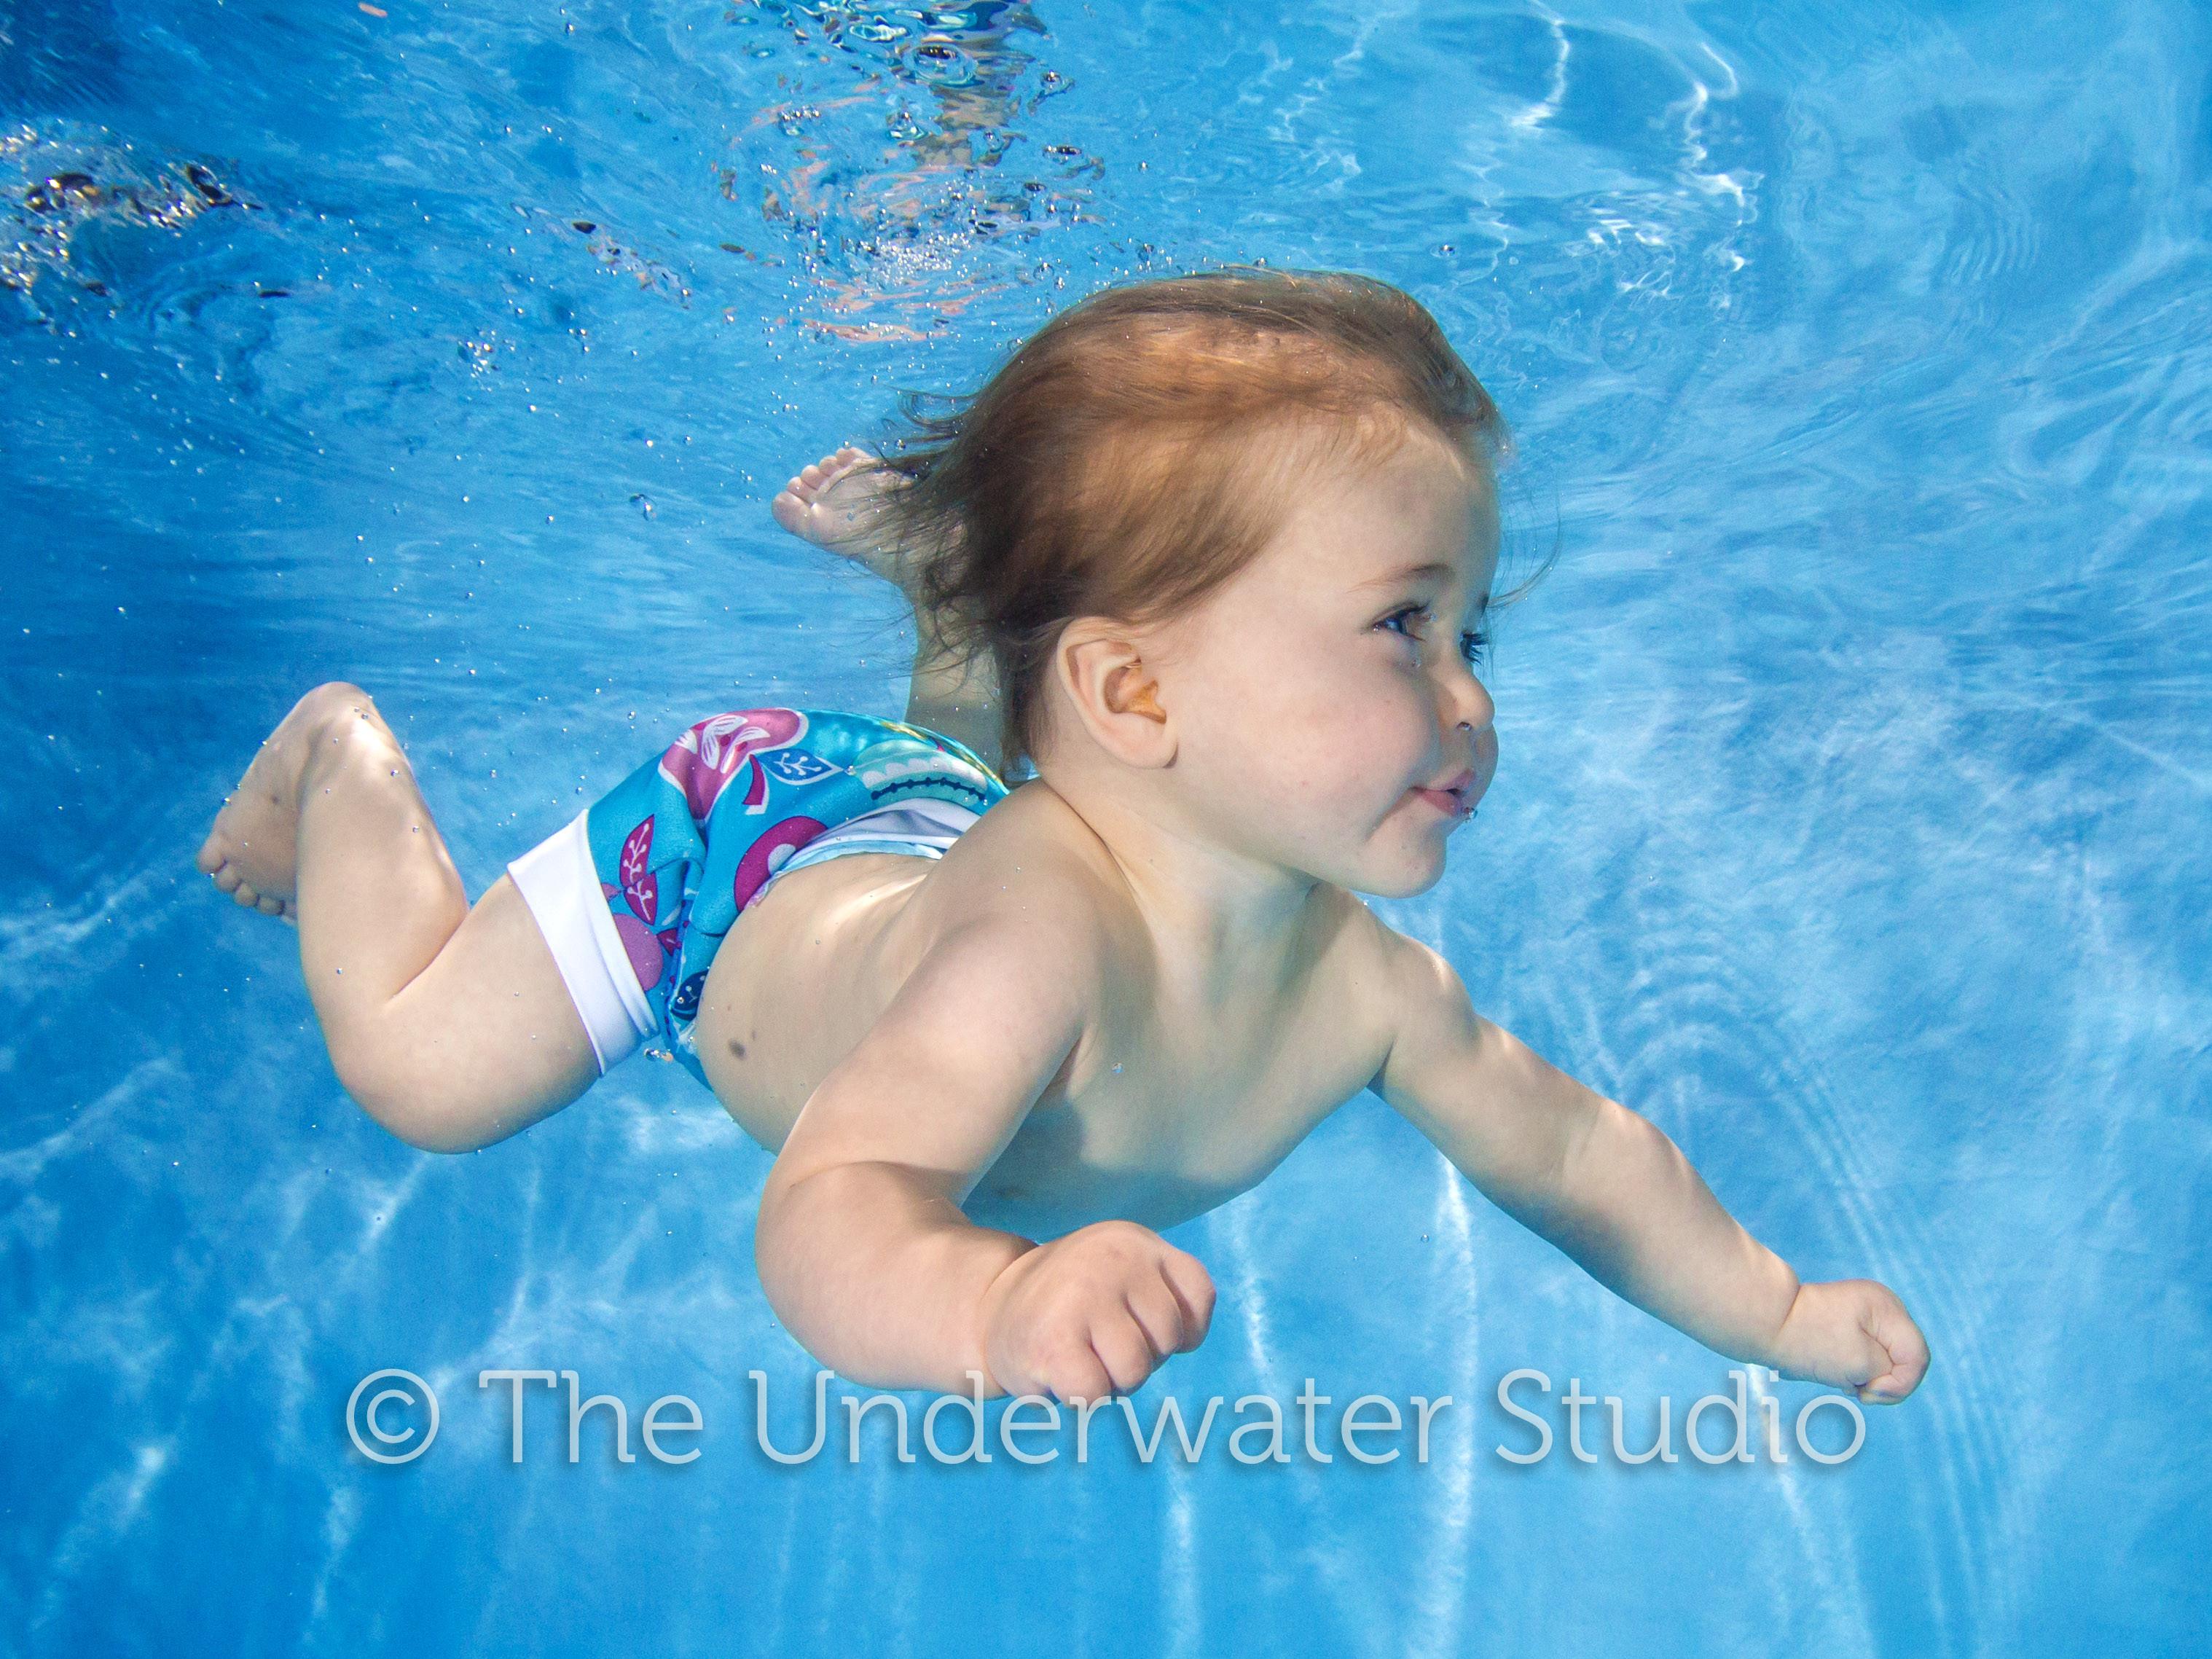 Swim School Group Photoshoot